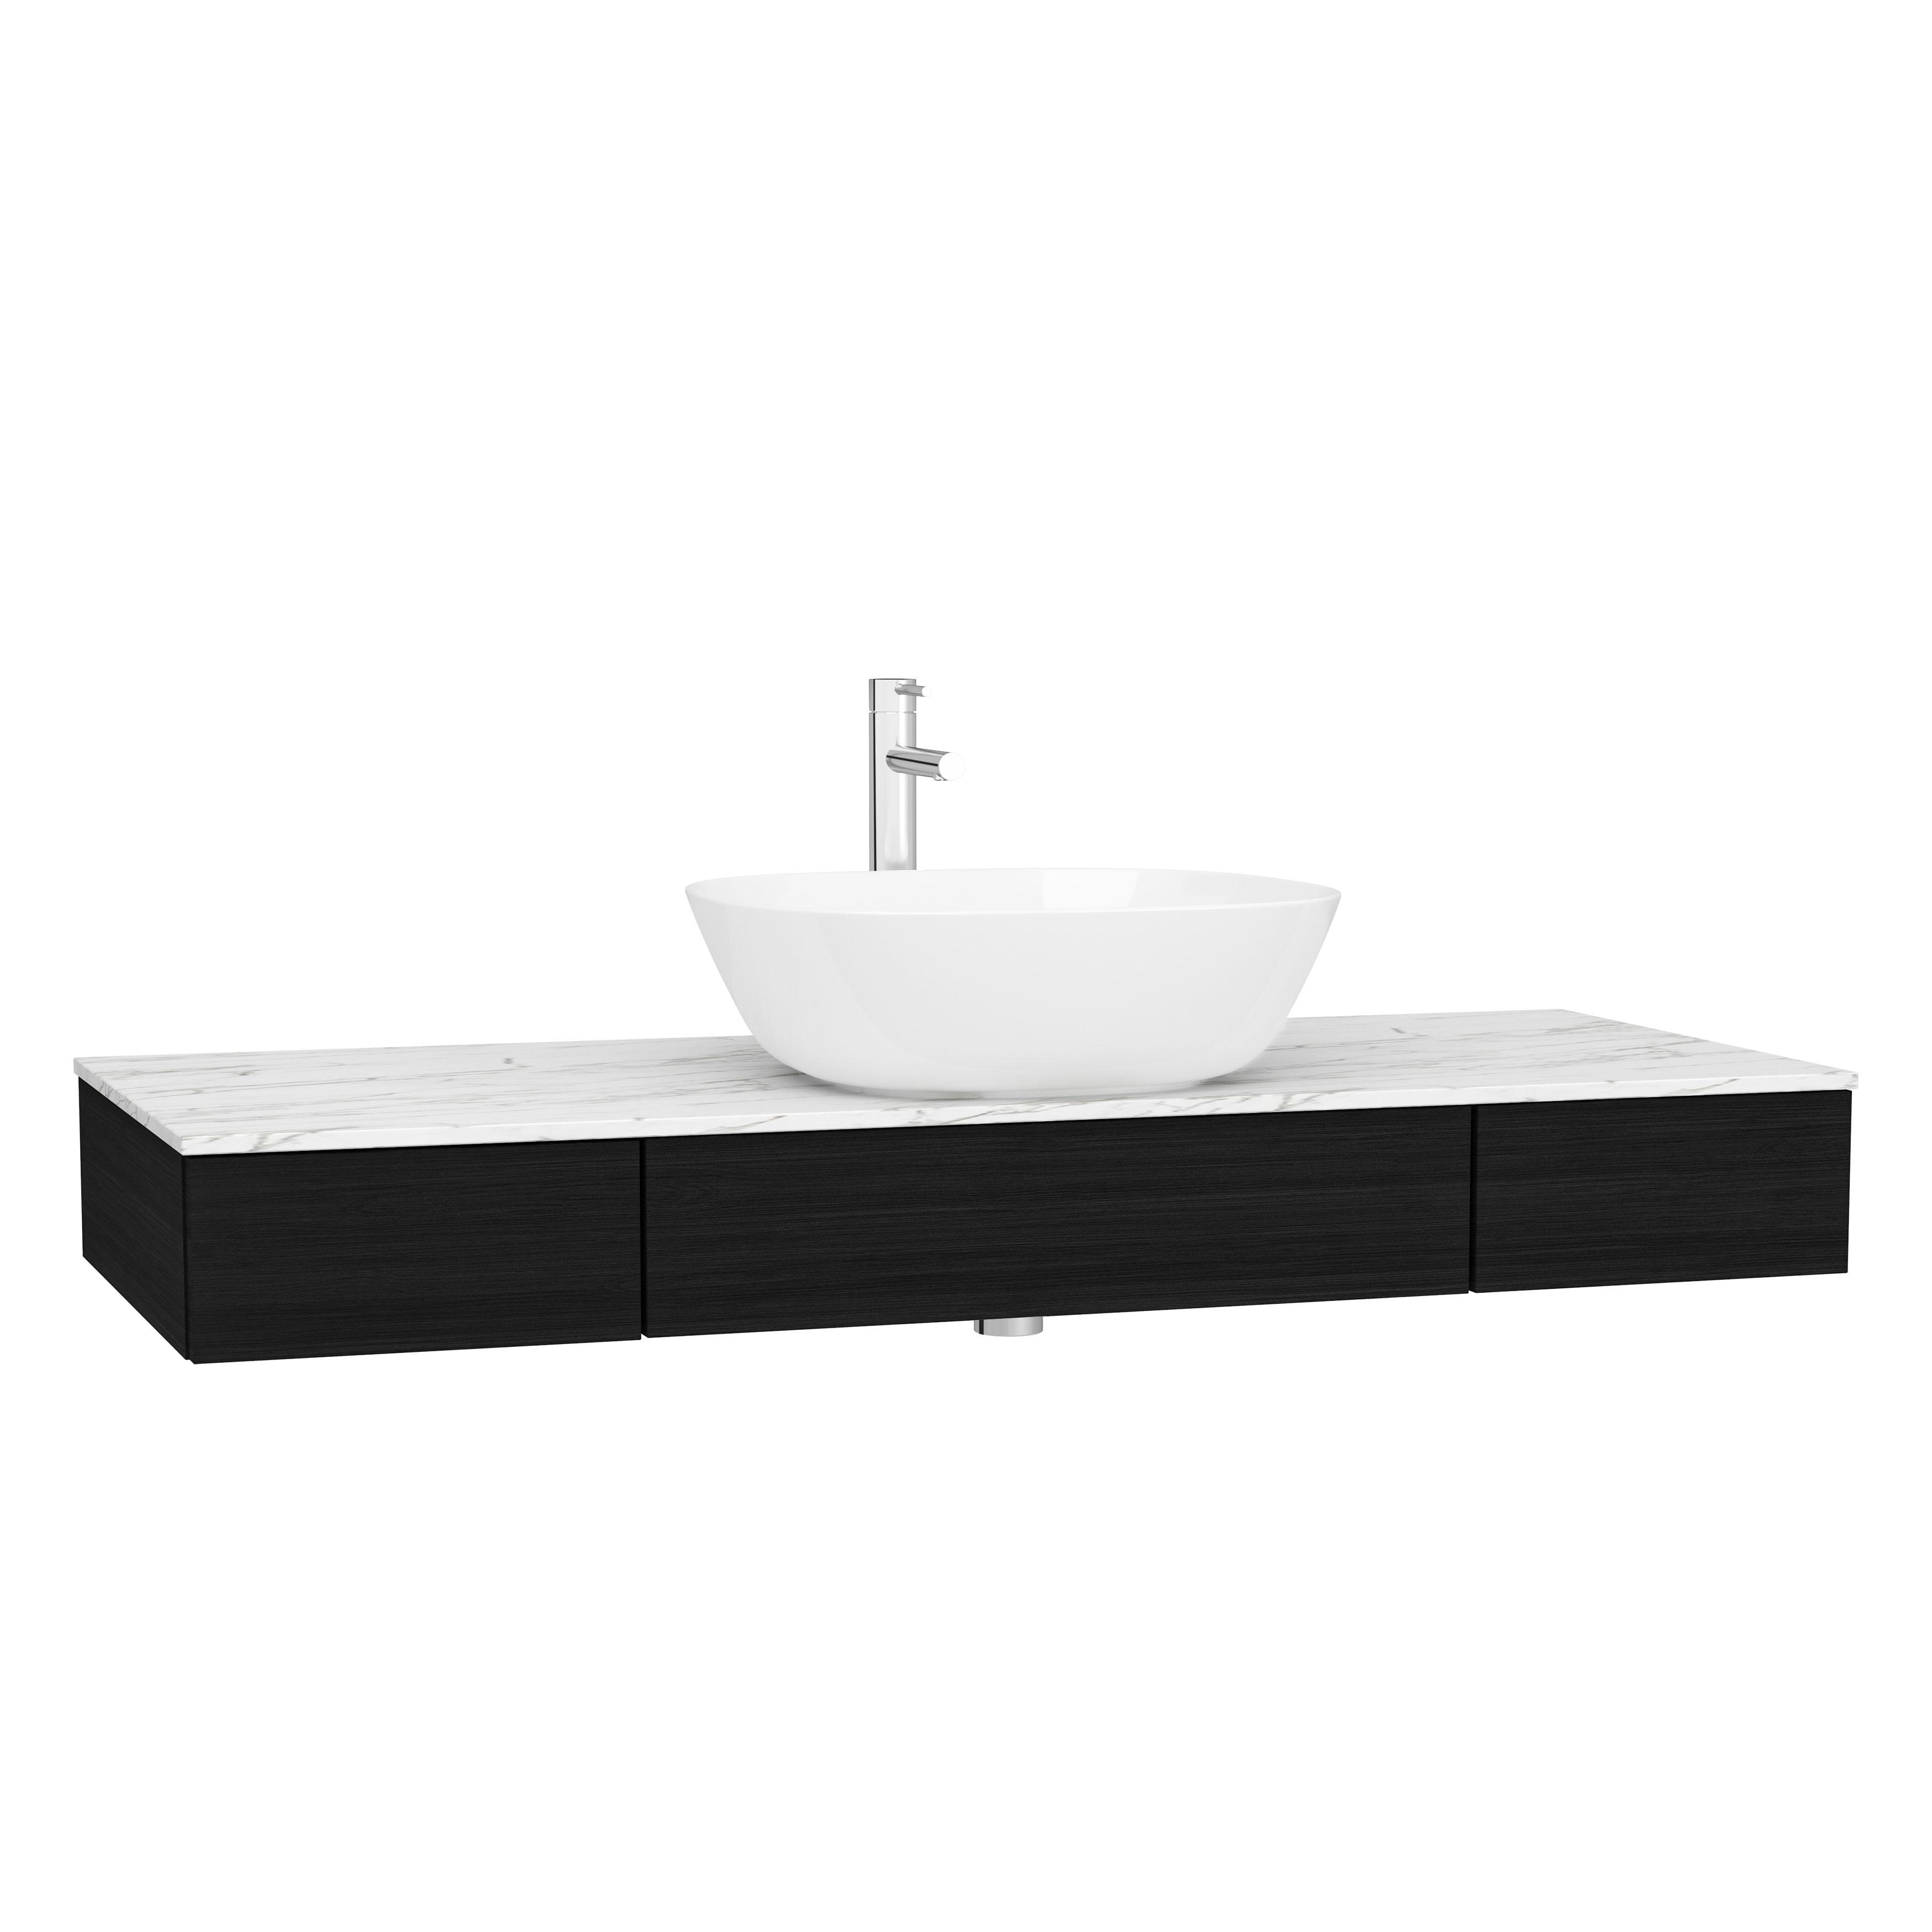 Origin plan de toilette avec tiroir, 120 cm, chêne noir structure, centre